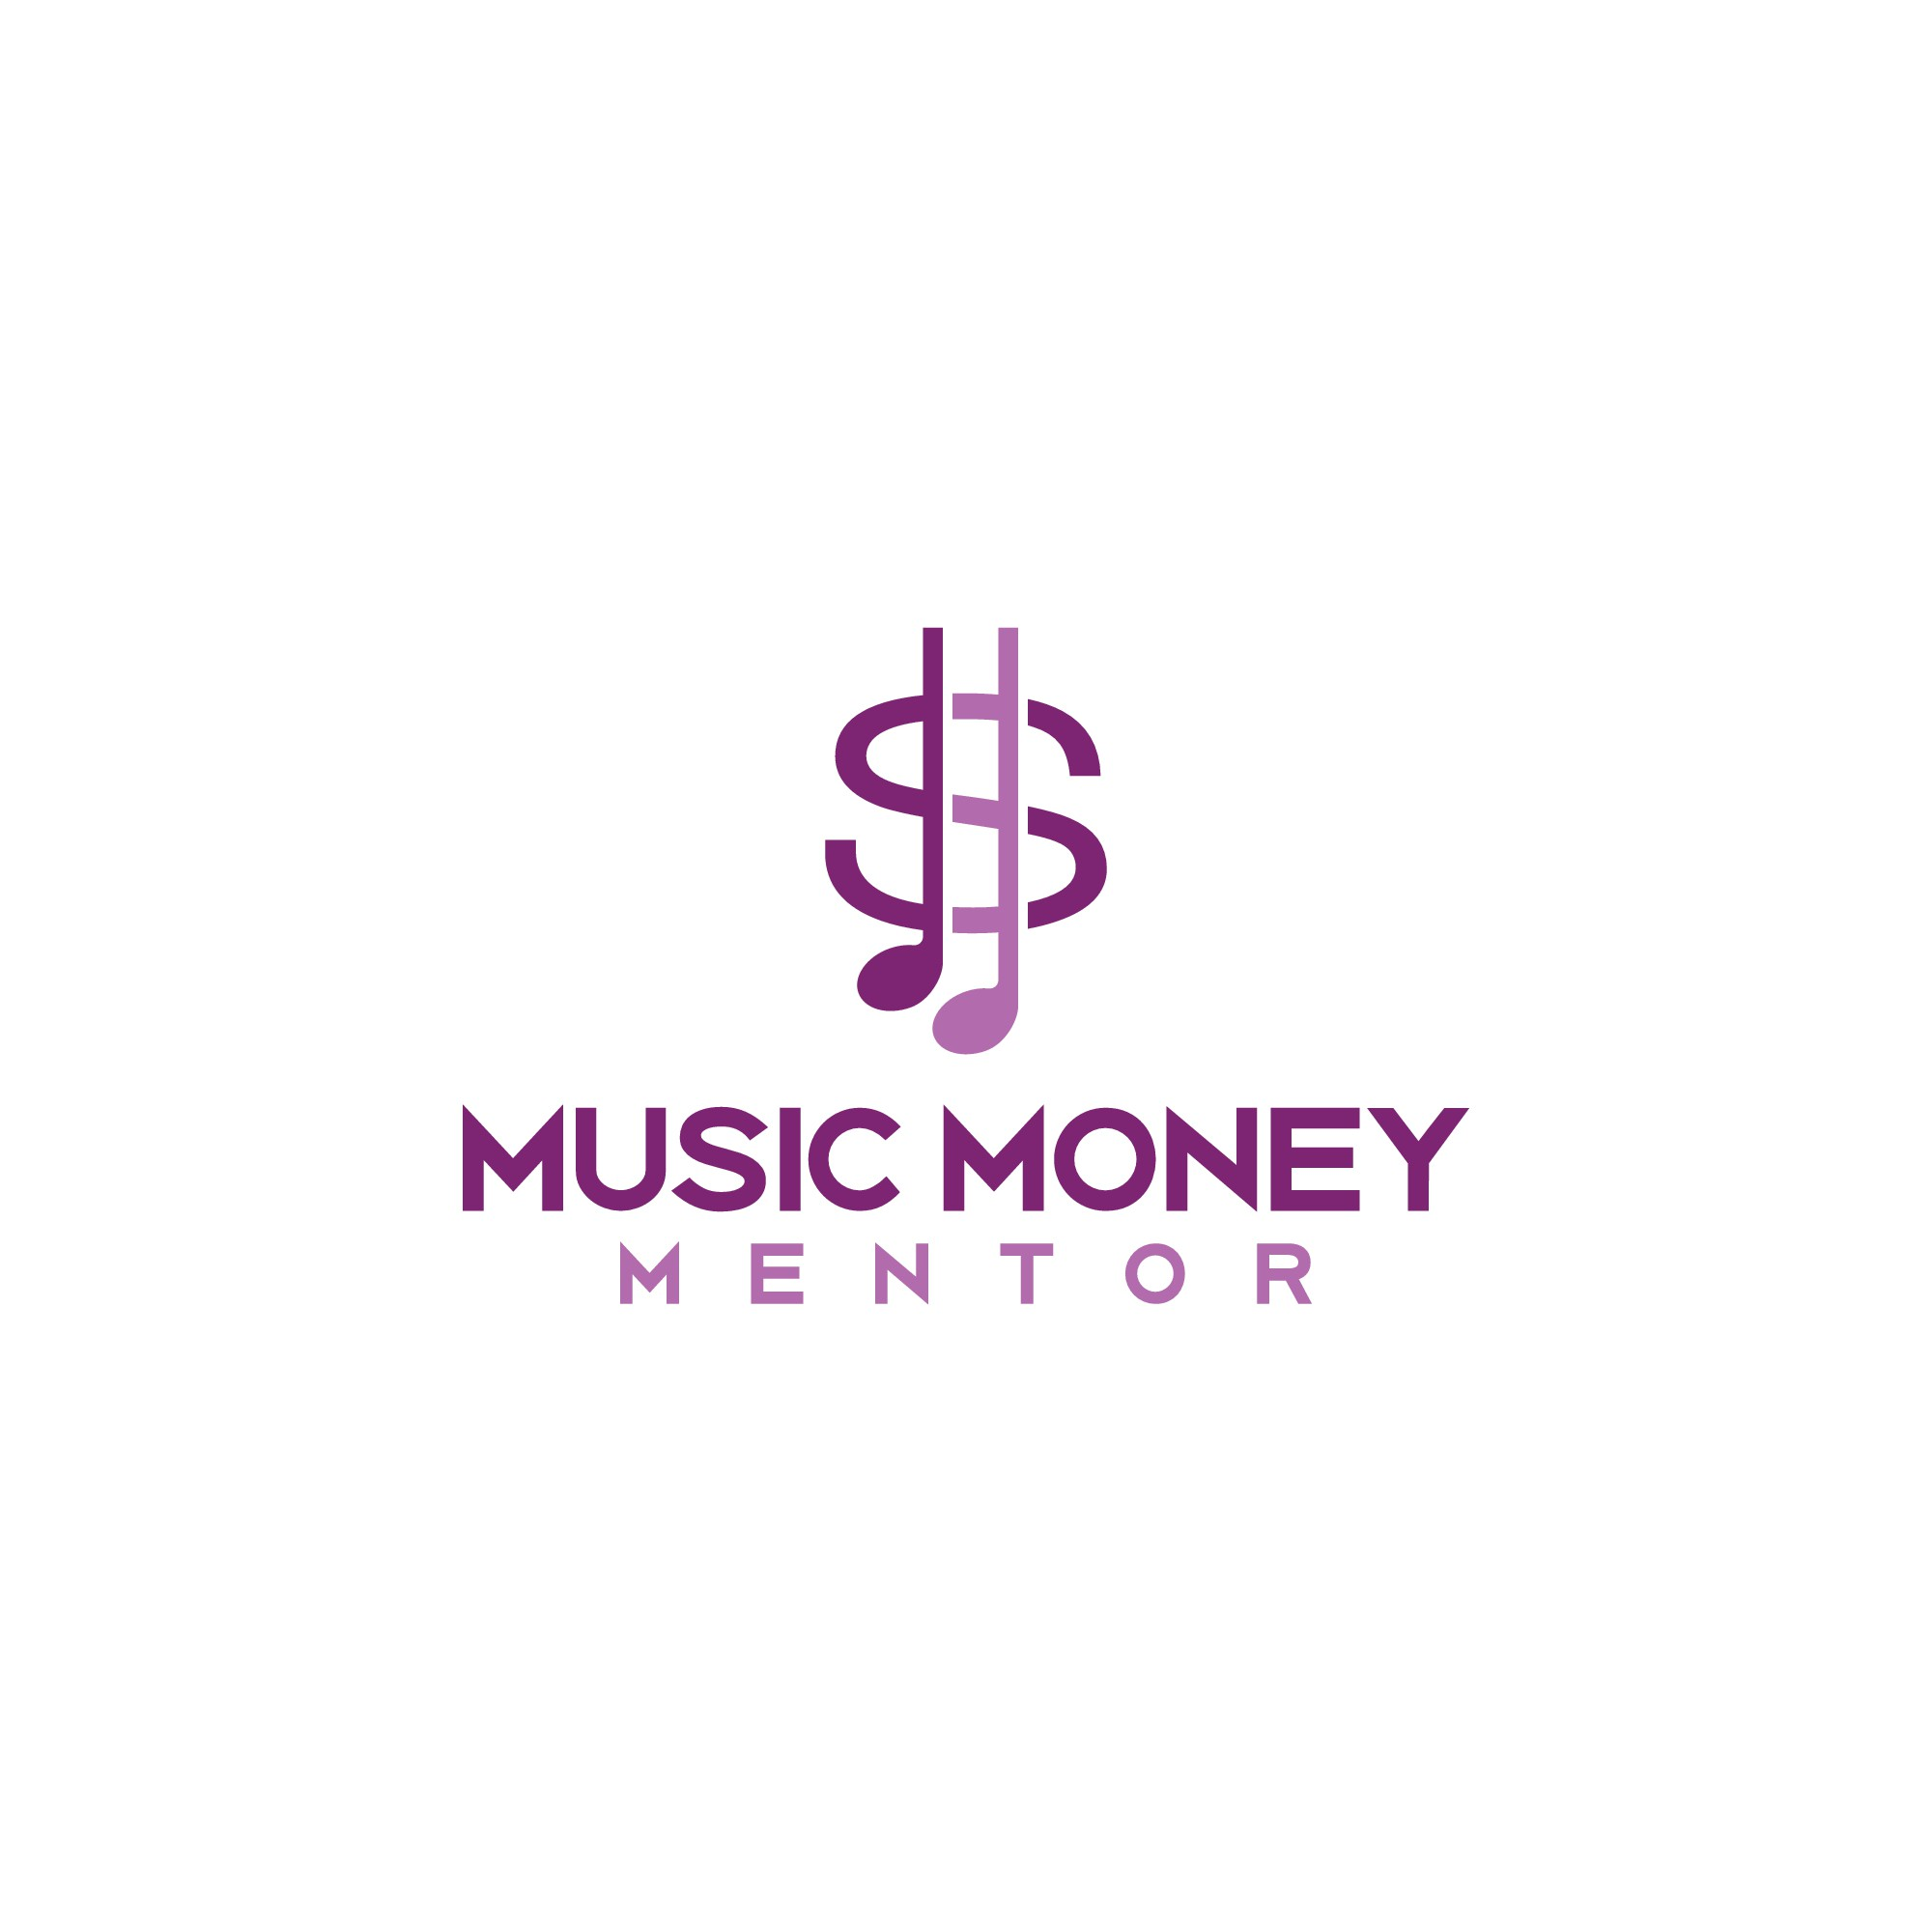 Music Money Mentor needs a hot logo